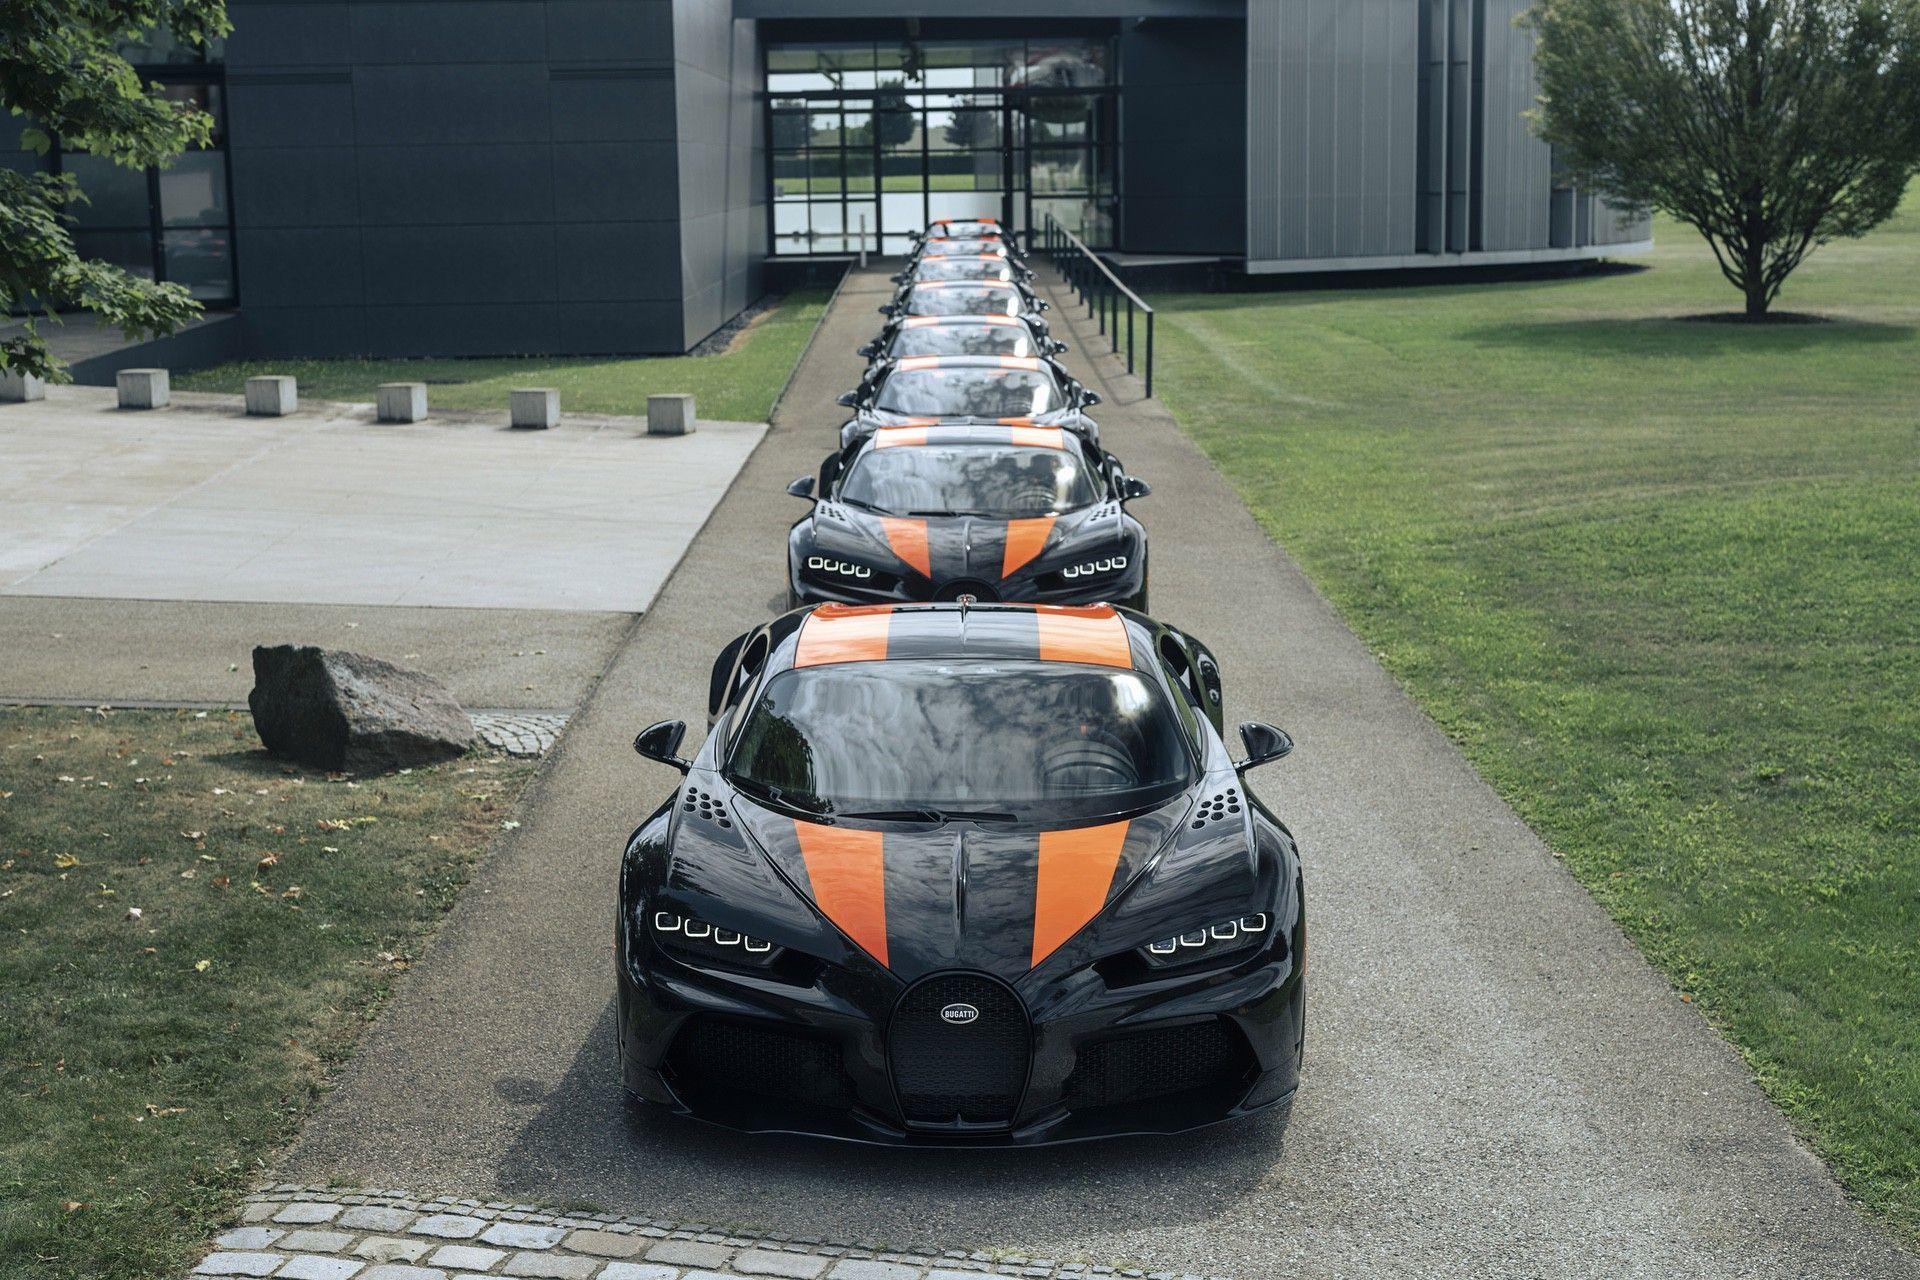 Bugatti_Chiron-Super_Sport_300_customers-0002